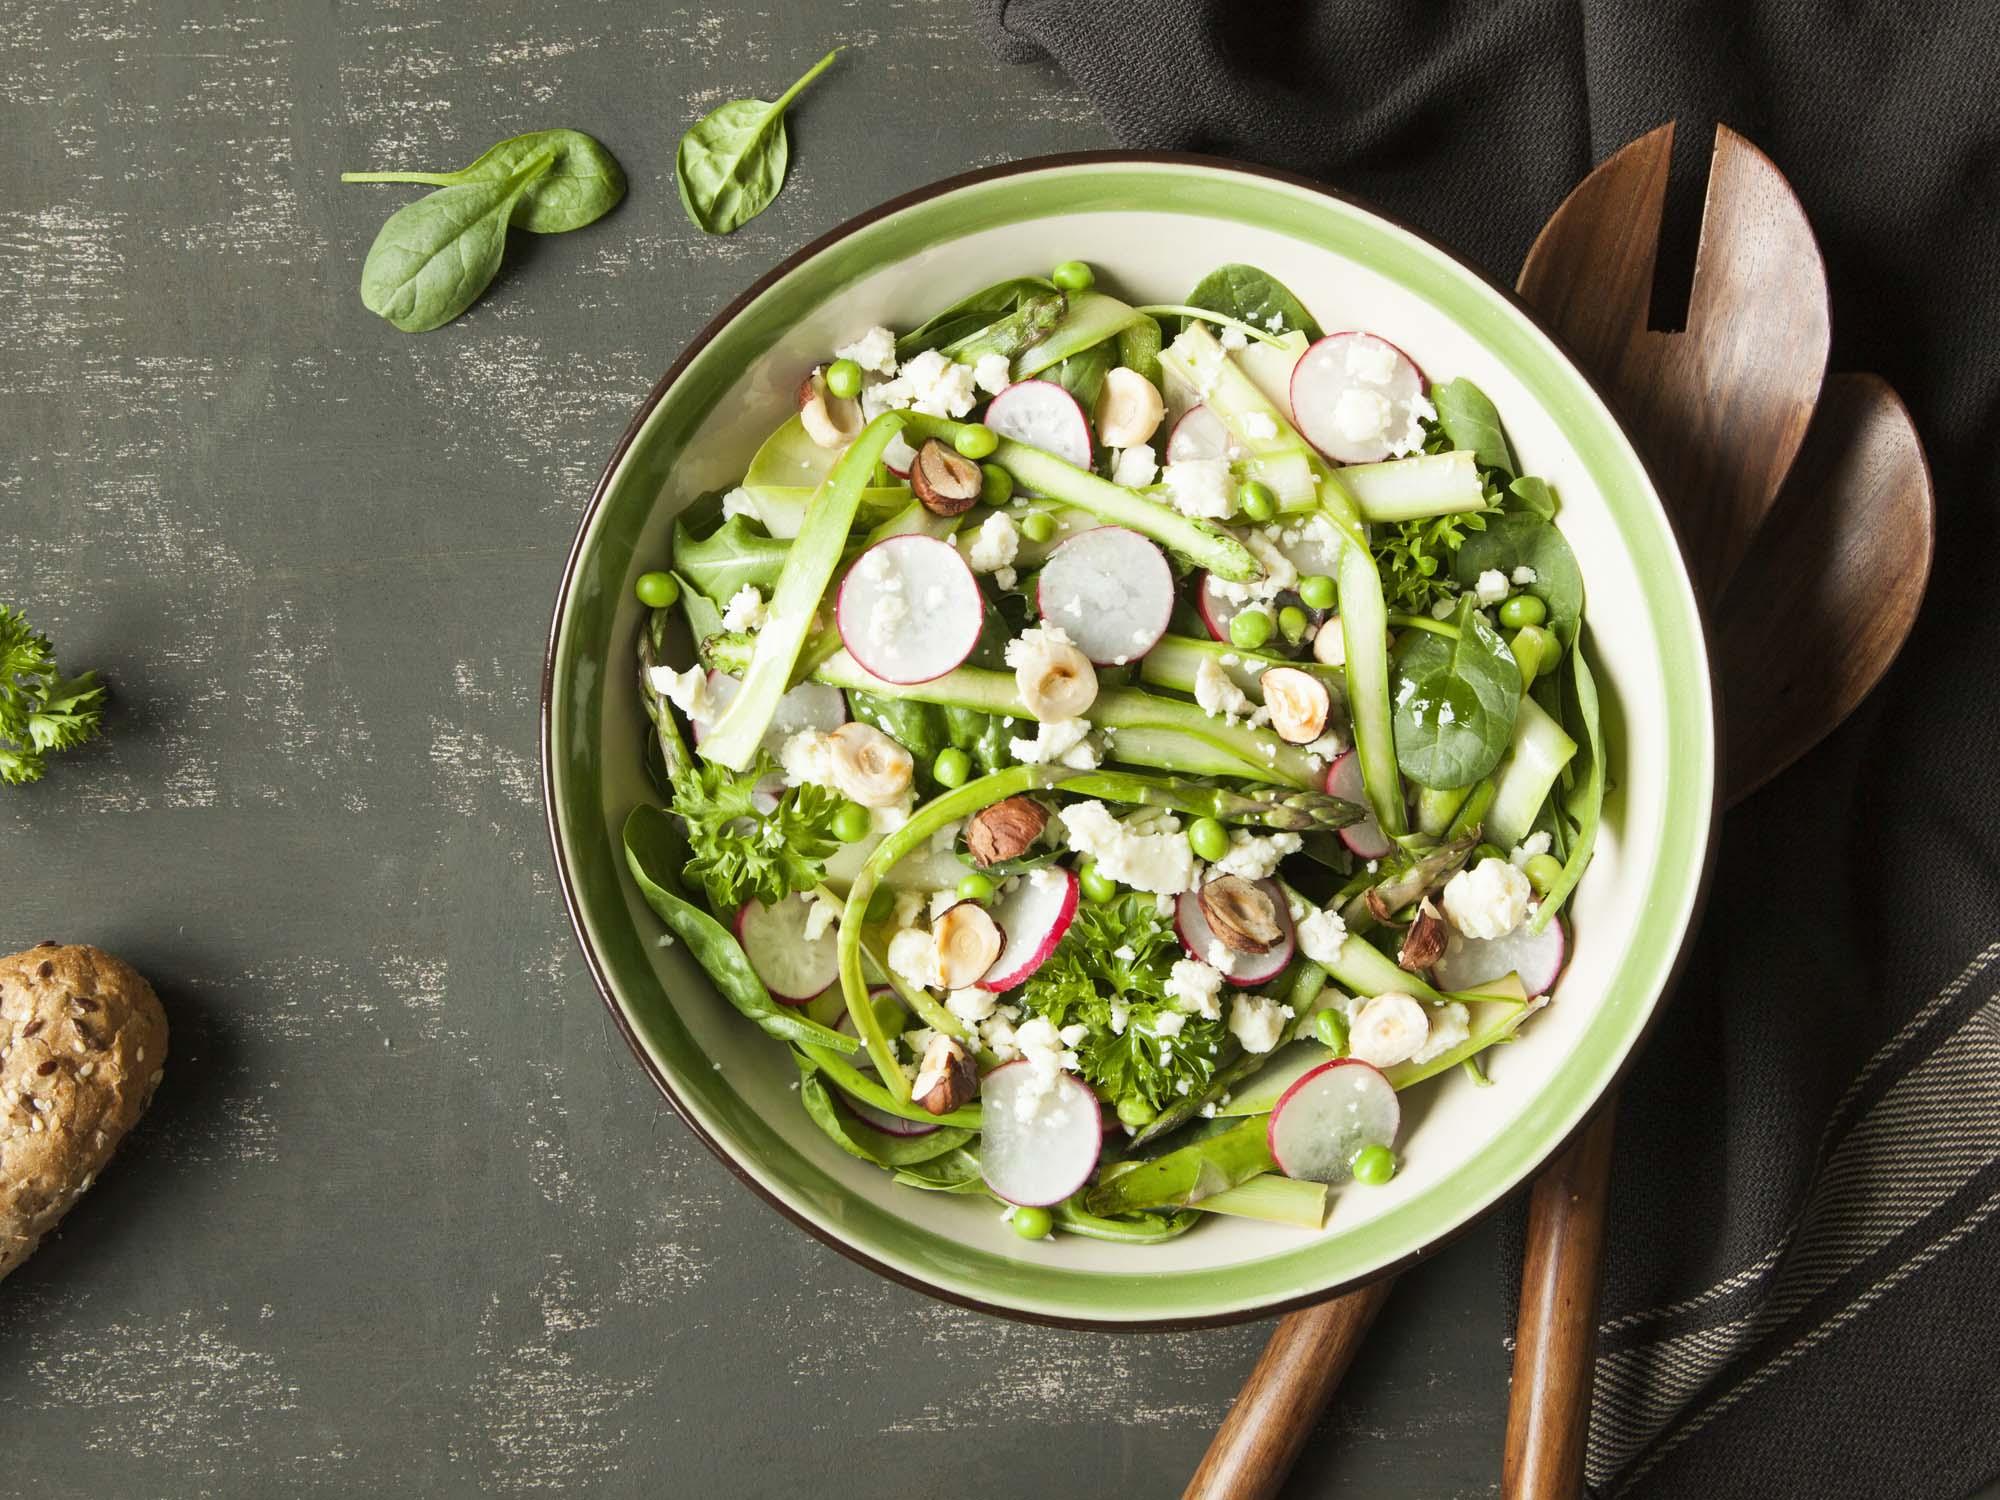 Salat med Asparges, edamamebønner, radiser og tomater